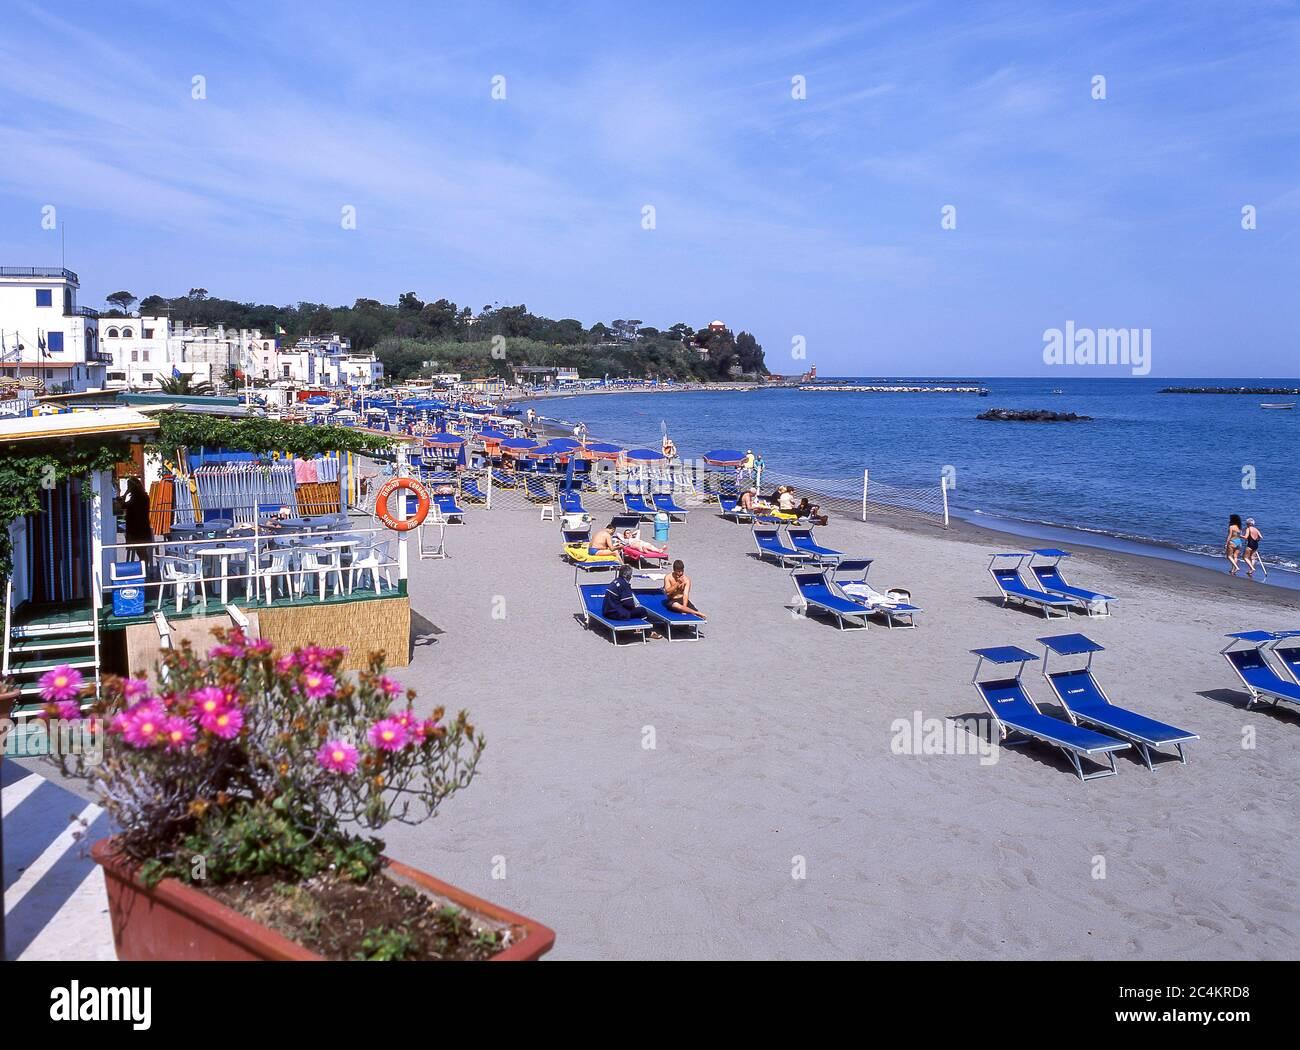 Vue sur la plage, ville d'Ischia, Ischia, région de Campagnia, Italie Banque D'Images